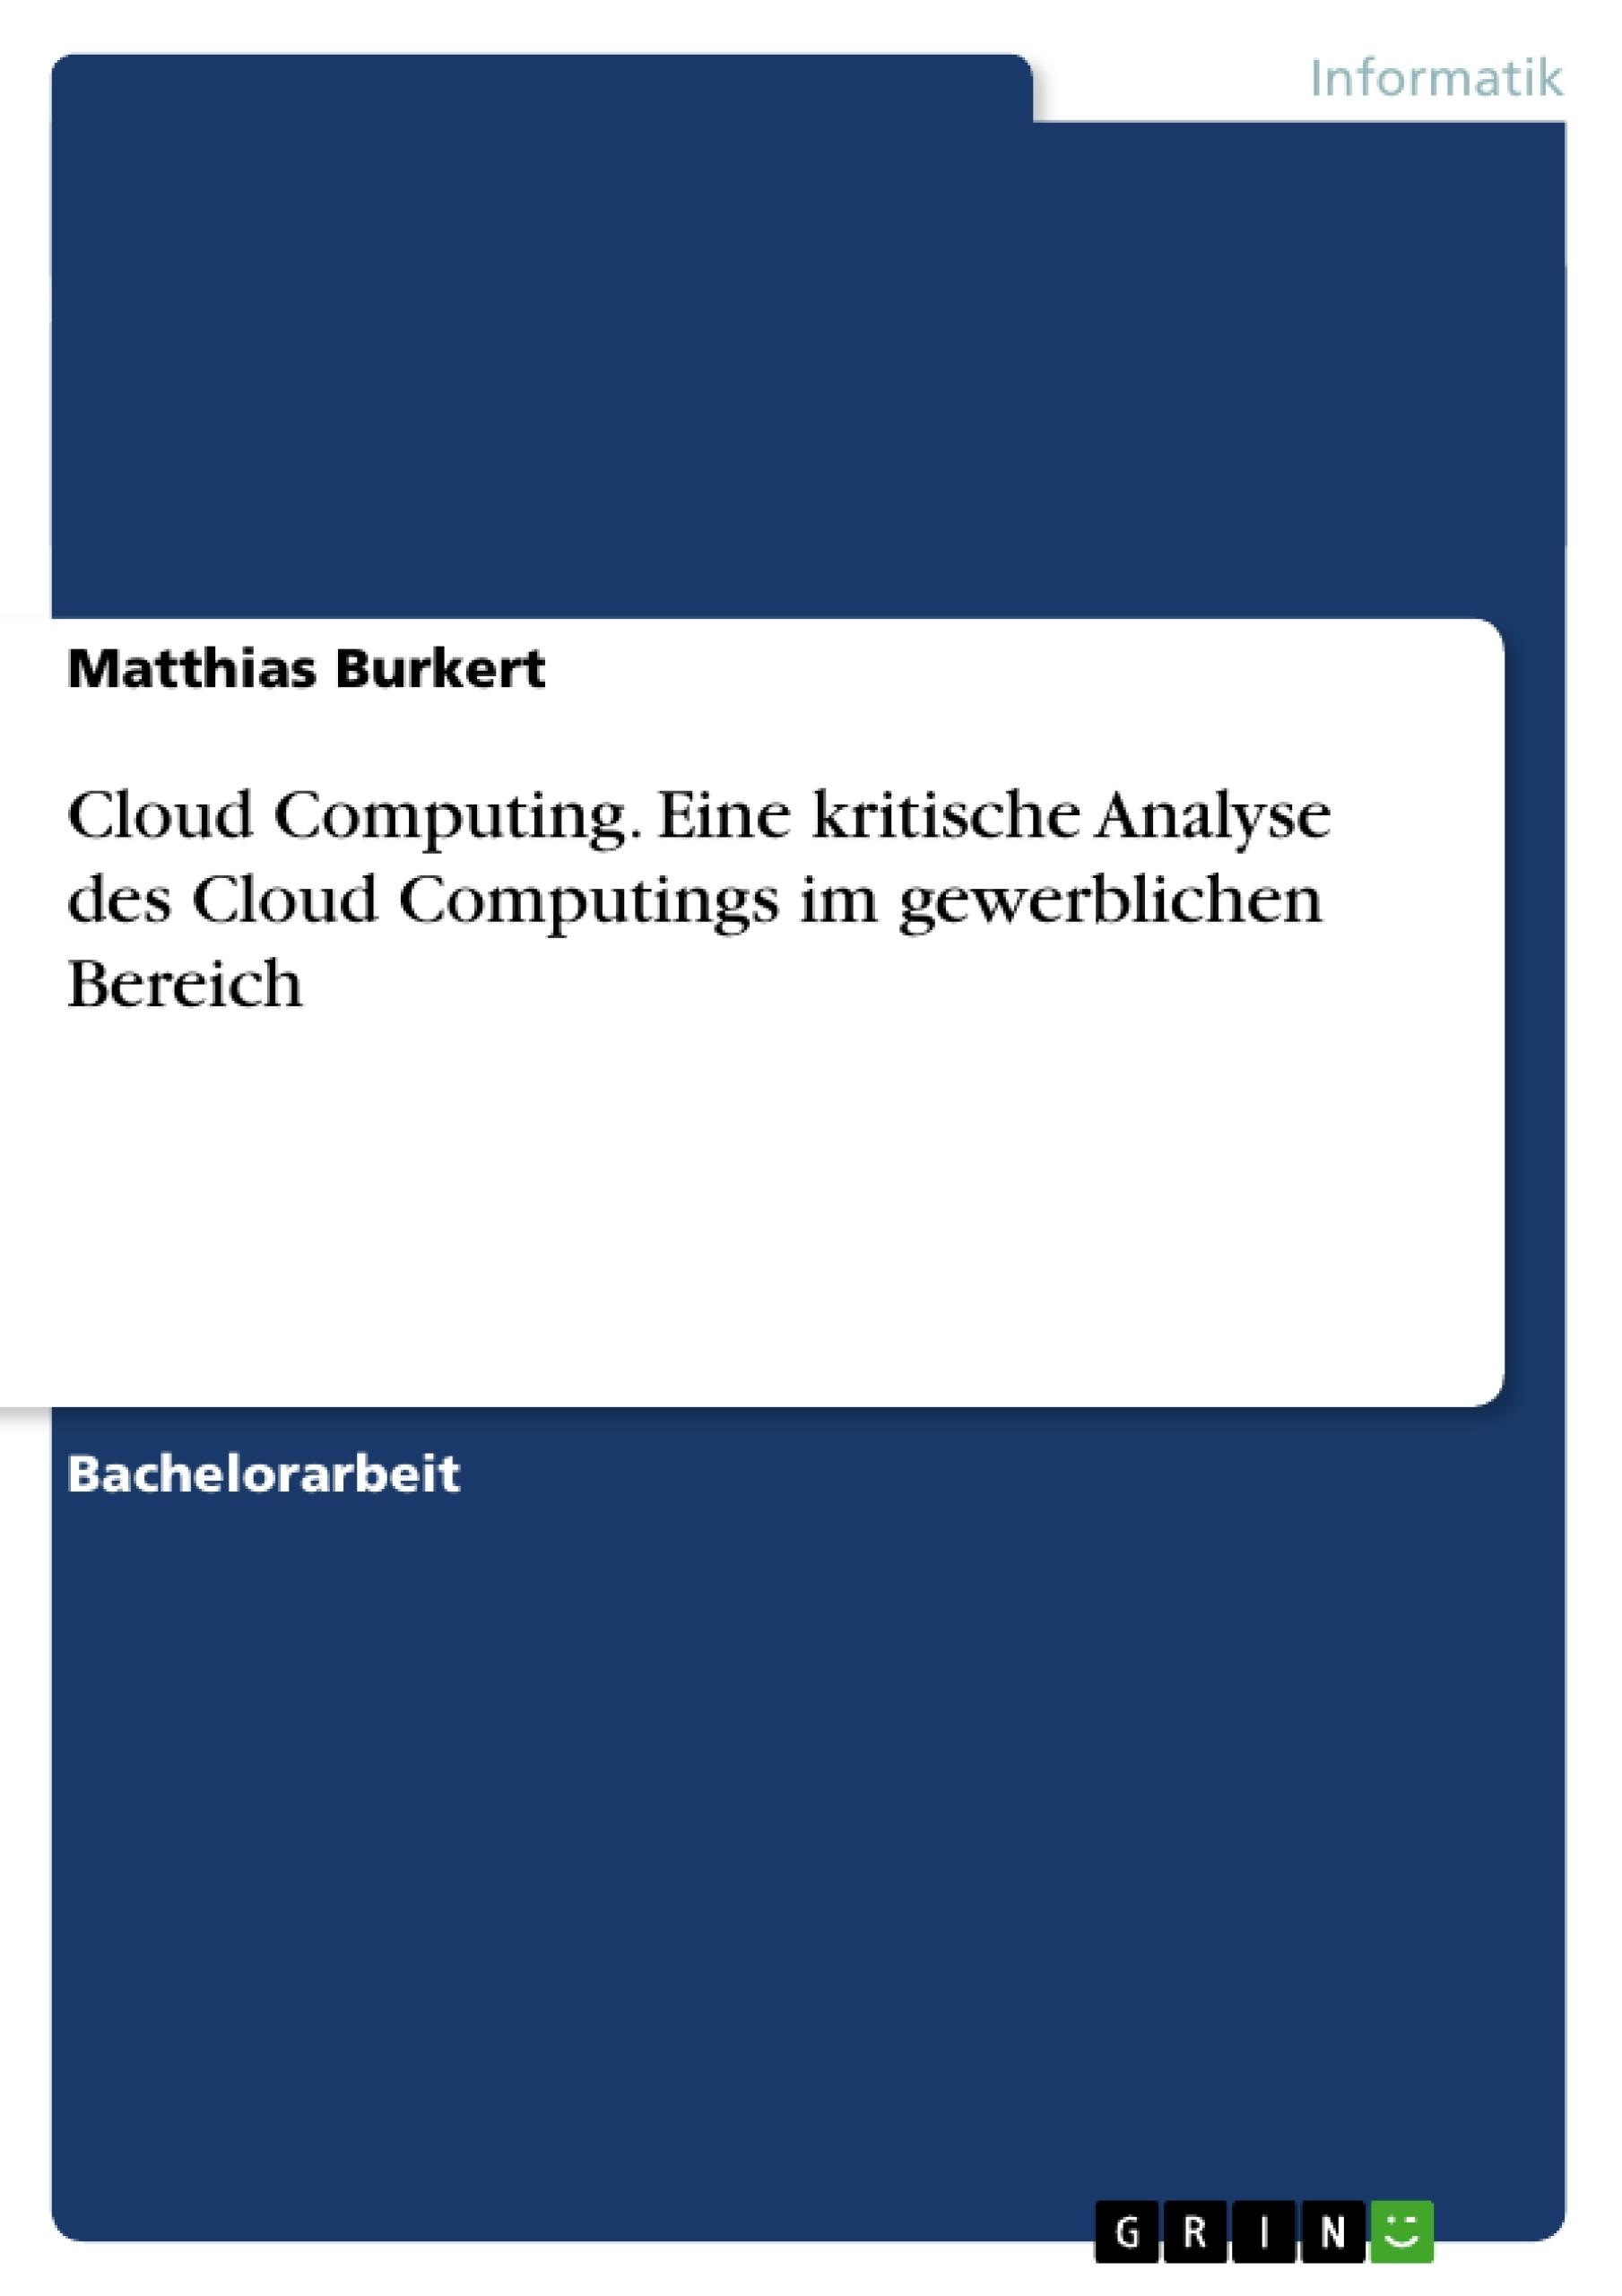 Titel: Cloud Computing. Eine kritische Analyse des Cloud Computings im gewerblichen Bereich